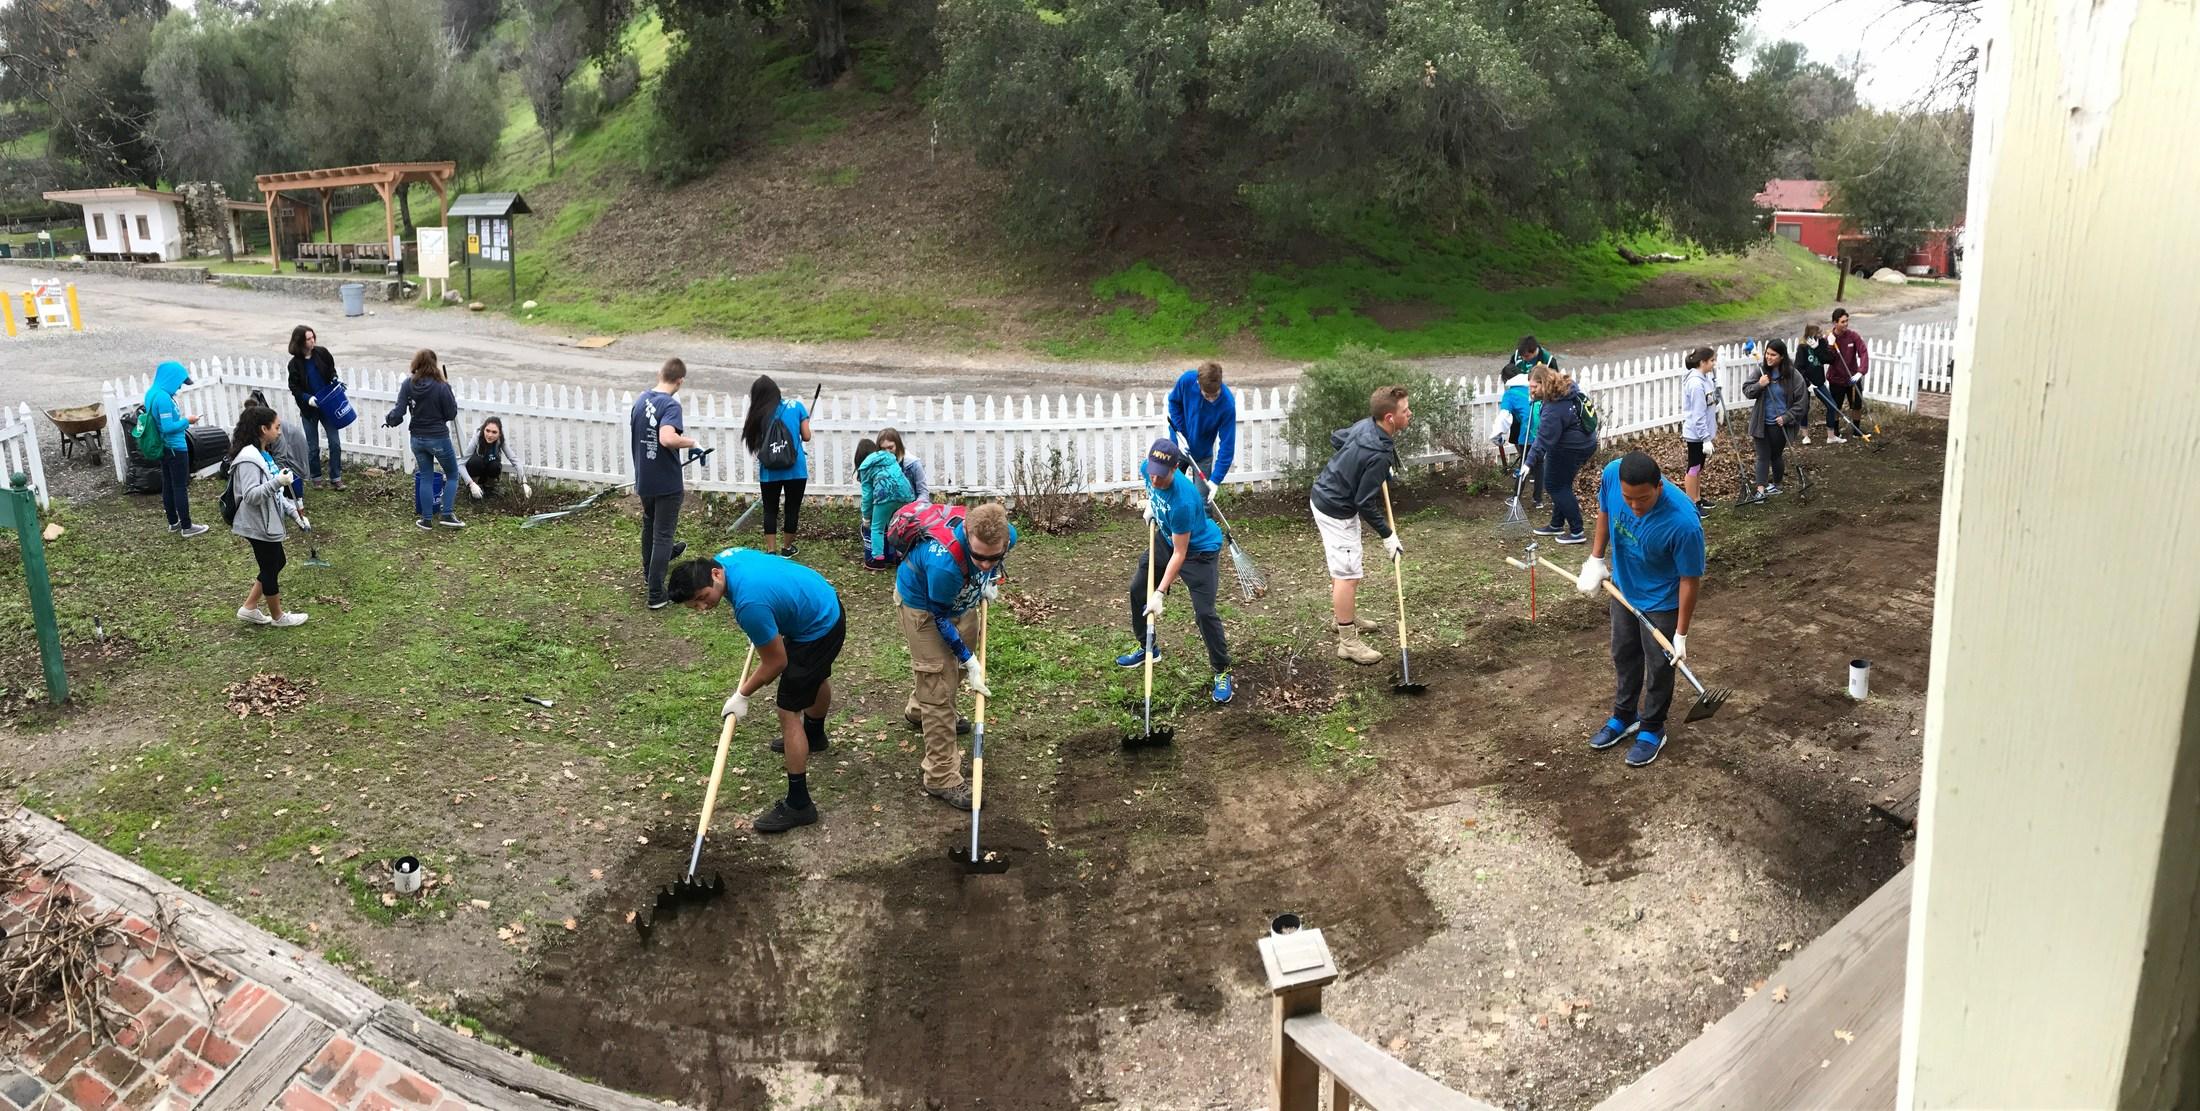 Hart Park clean up